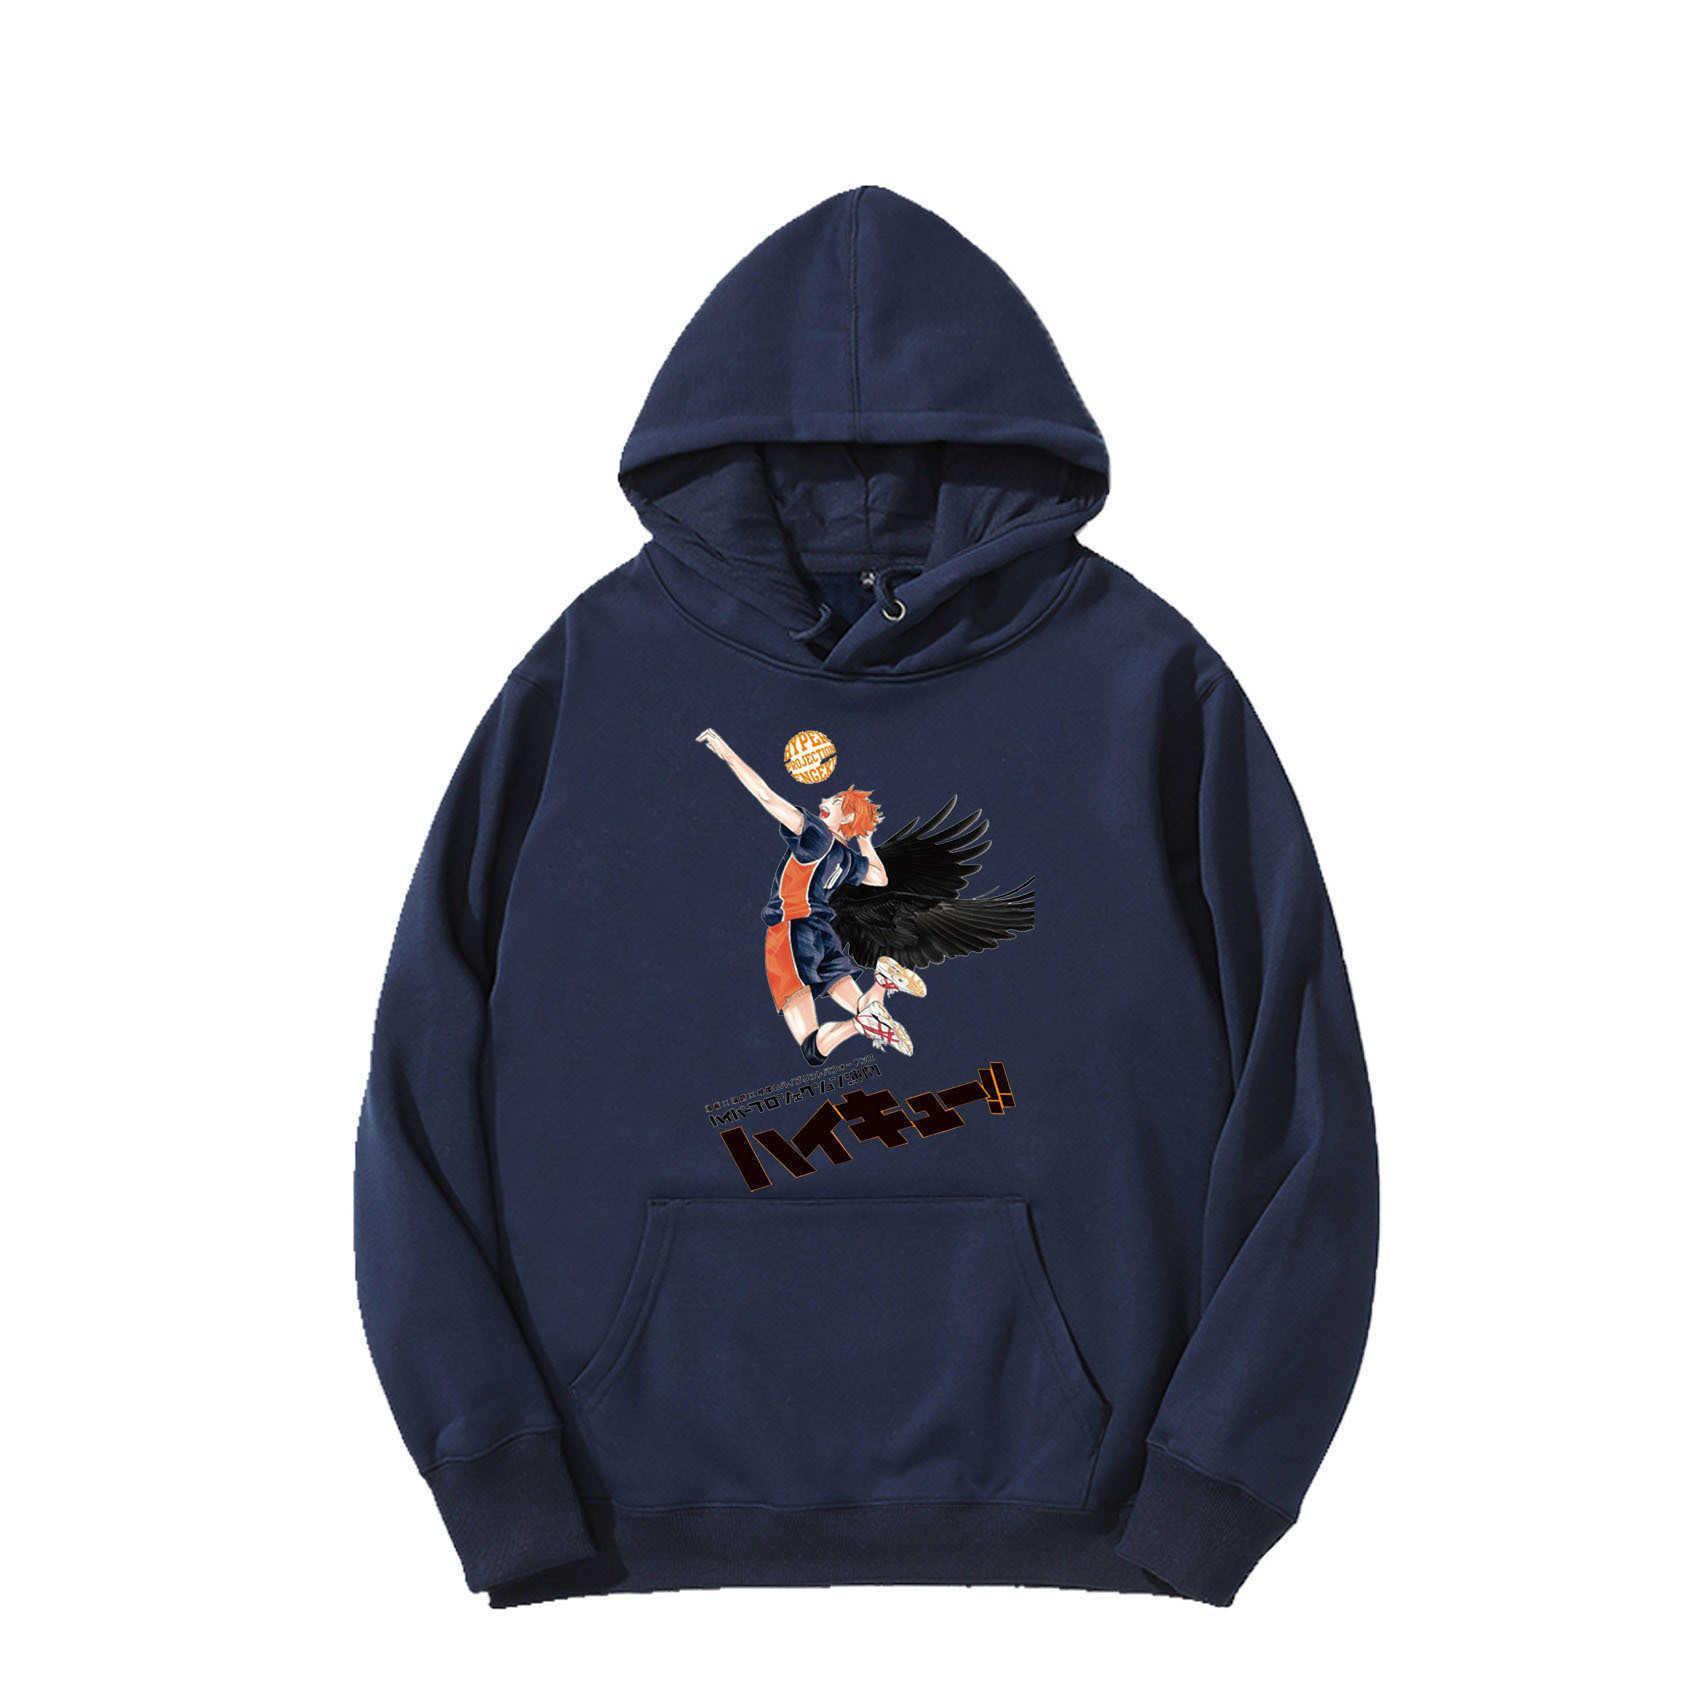 남성용 후드 패션 디자이너 만화 배구 청소년 날 Xiangyang 인쇄 후드 가디건 스포츠 스웨터 청바지와 바지에 적합